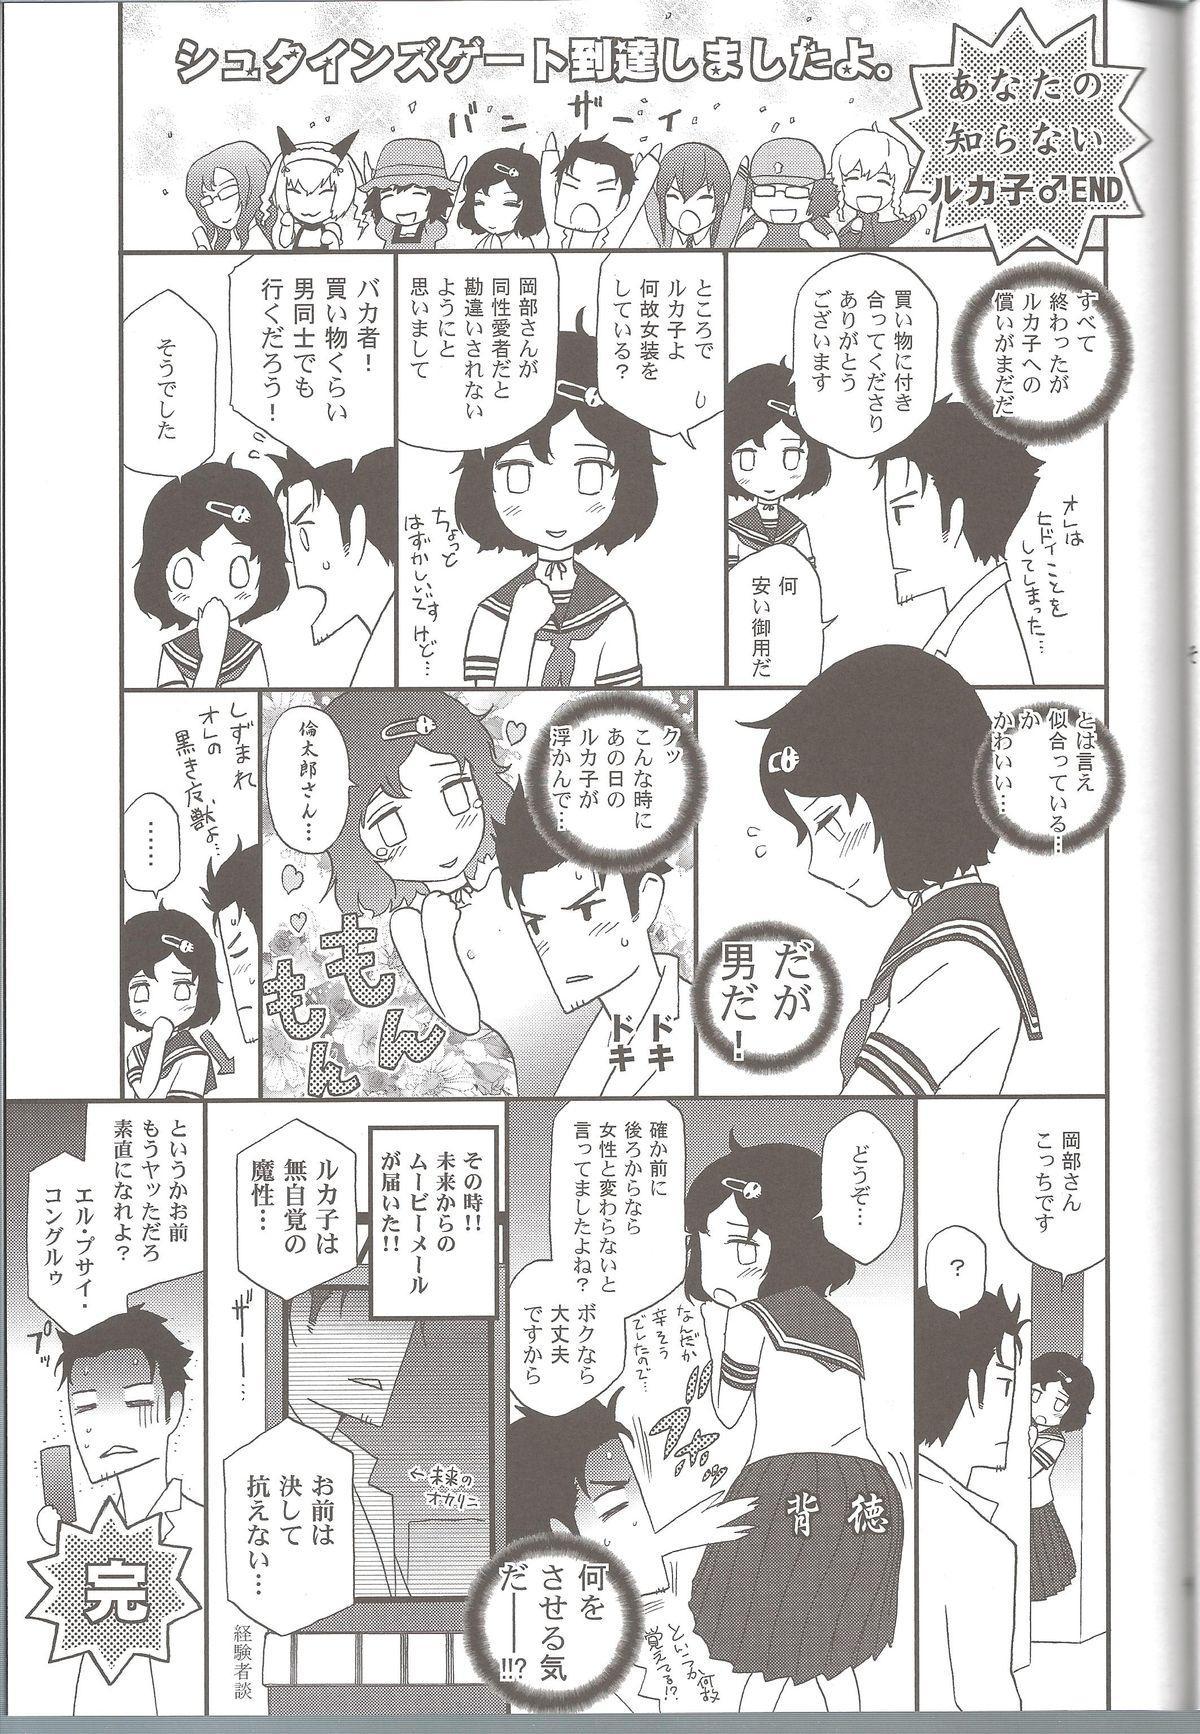 Shiiseishou no Maria 40